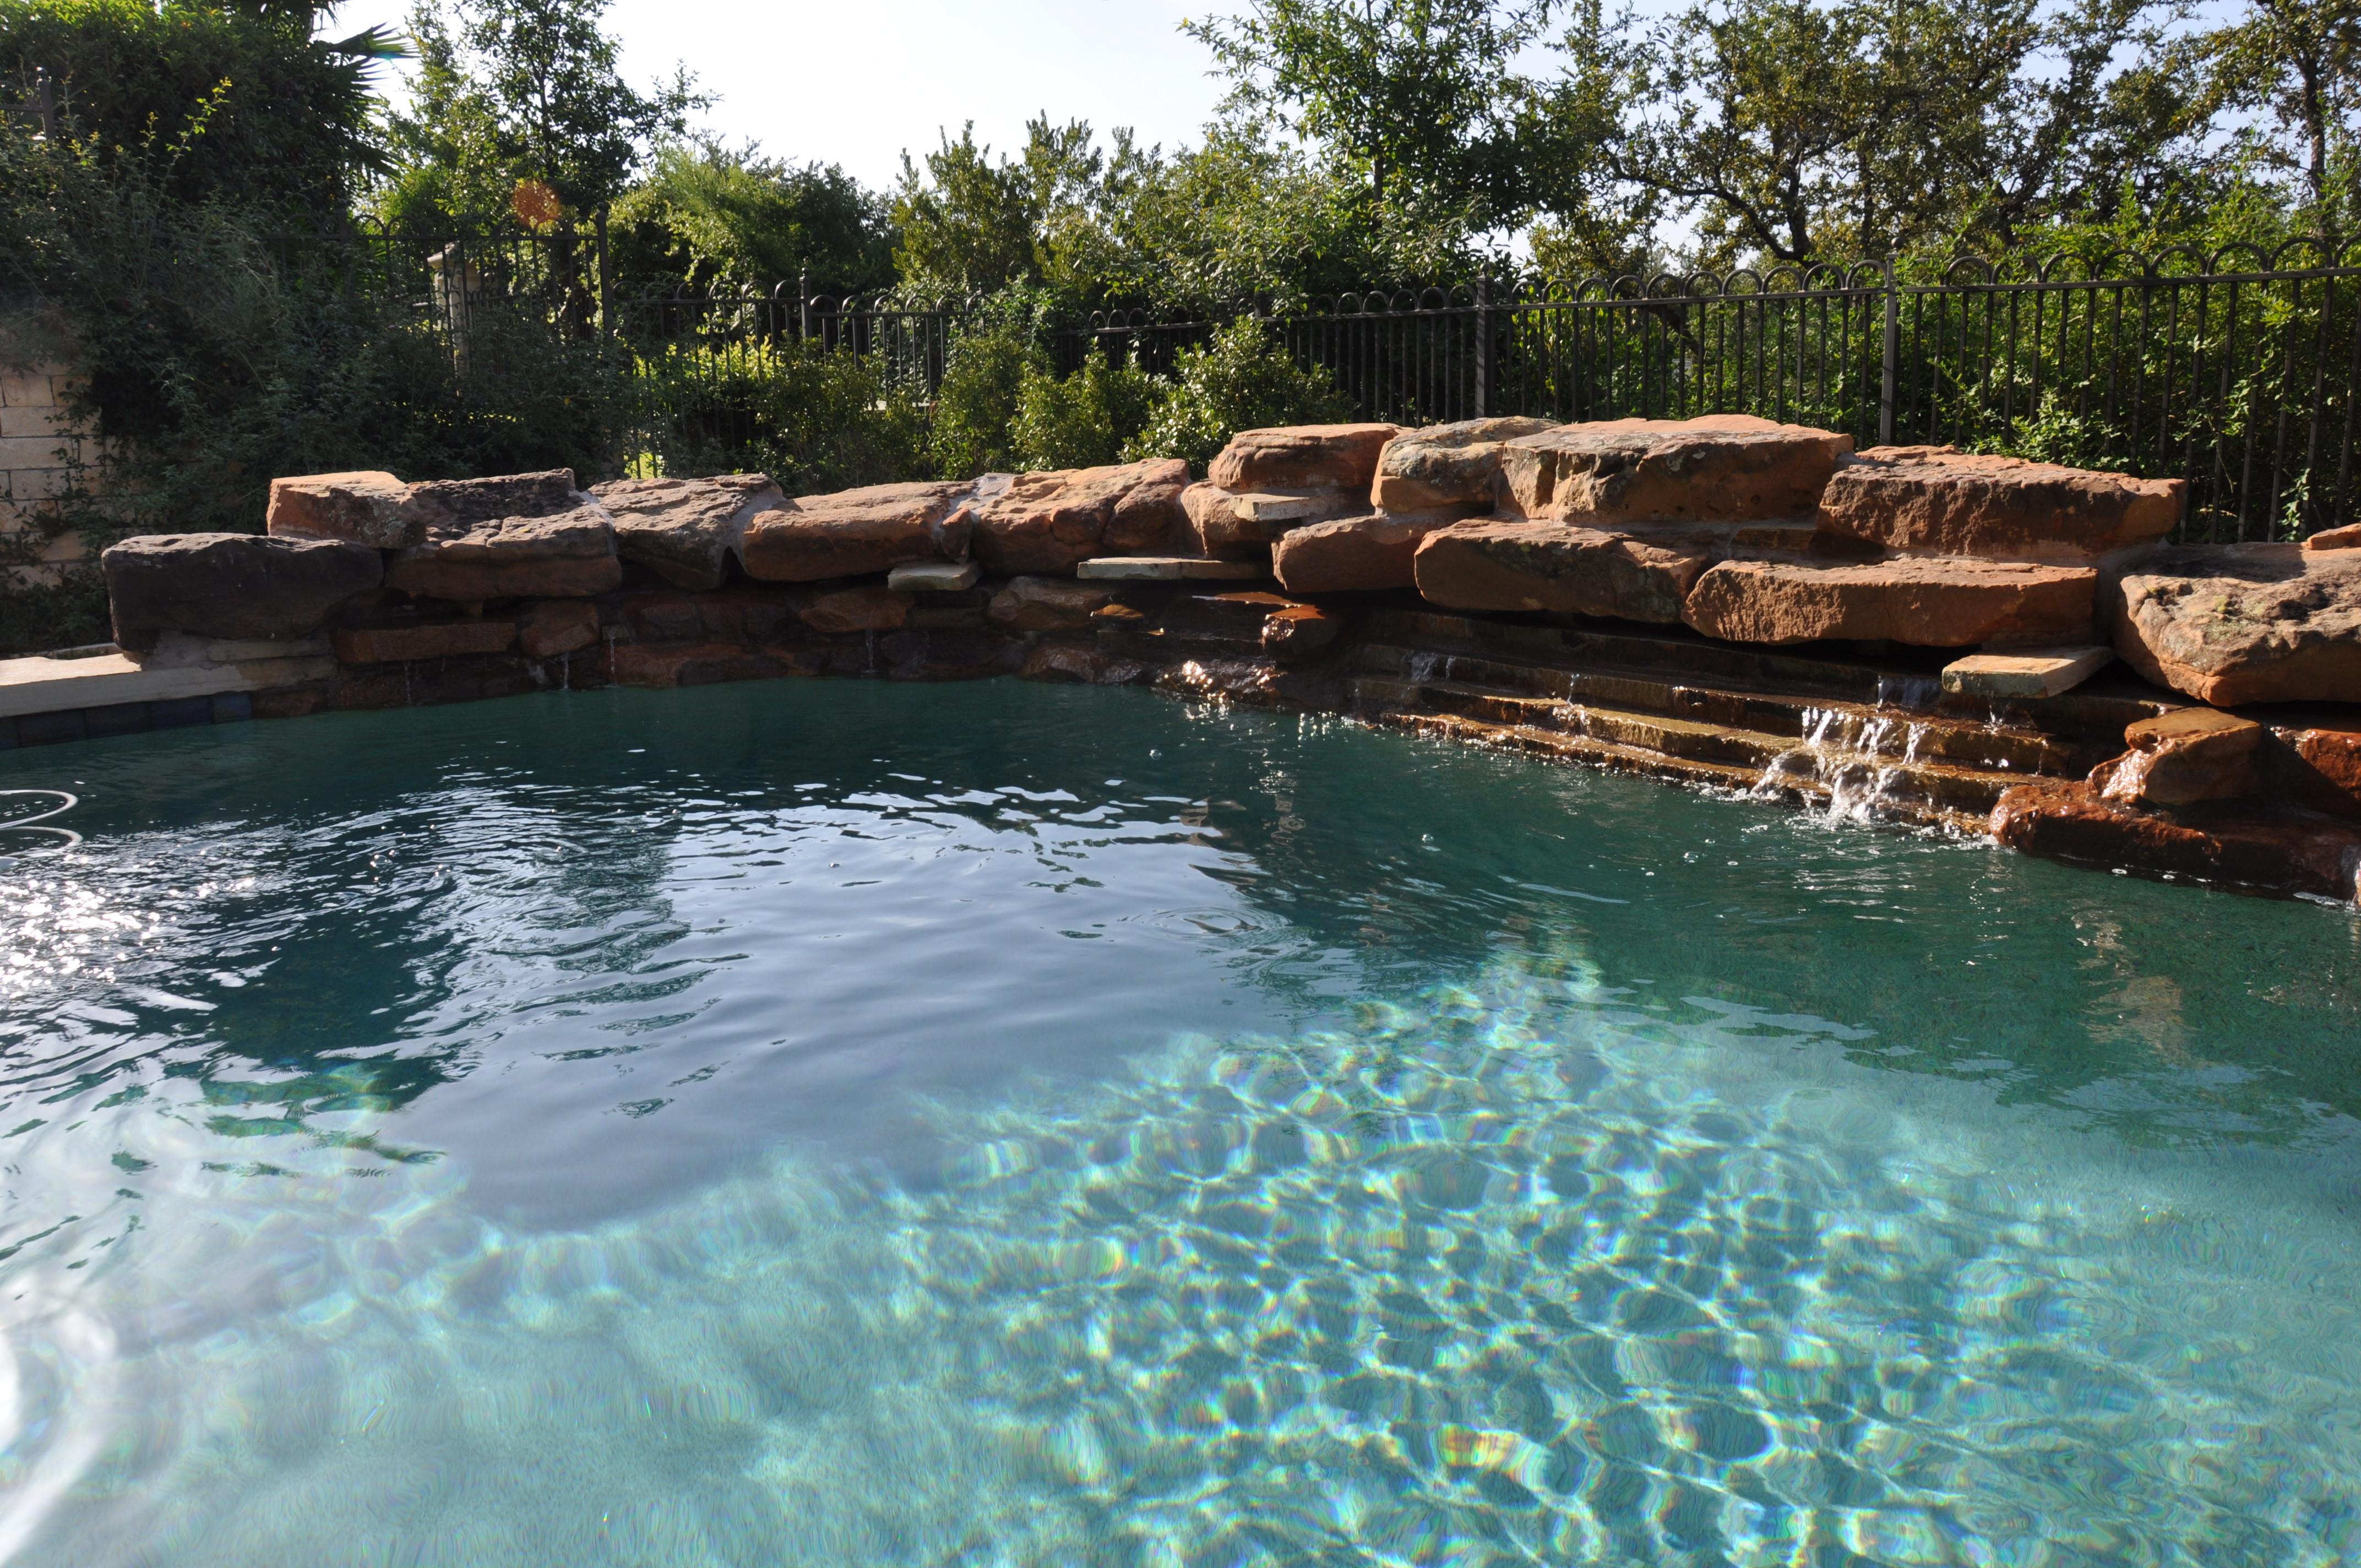 Wood Duck Pool & Patio image 2